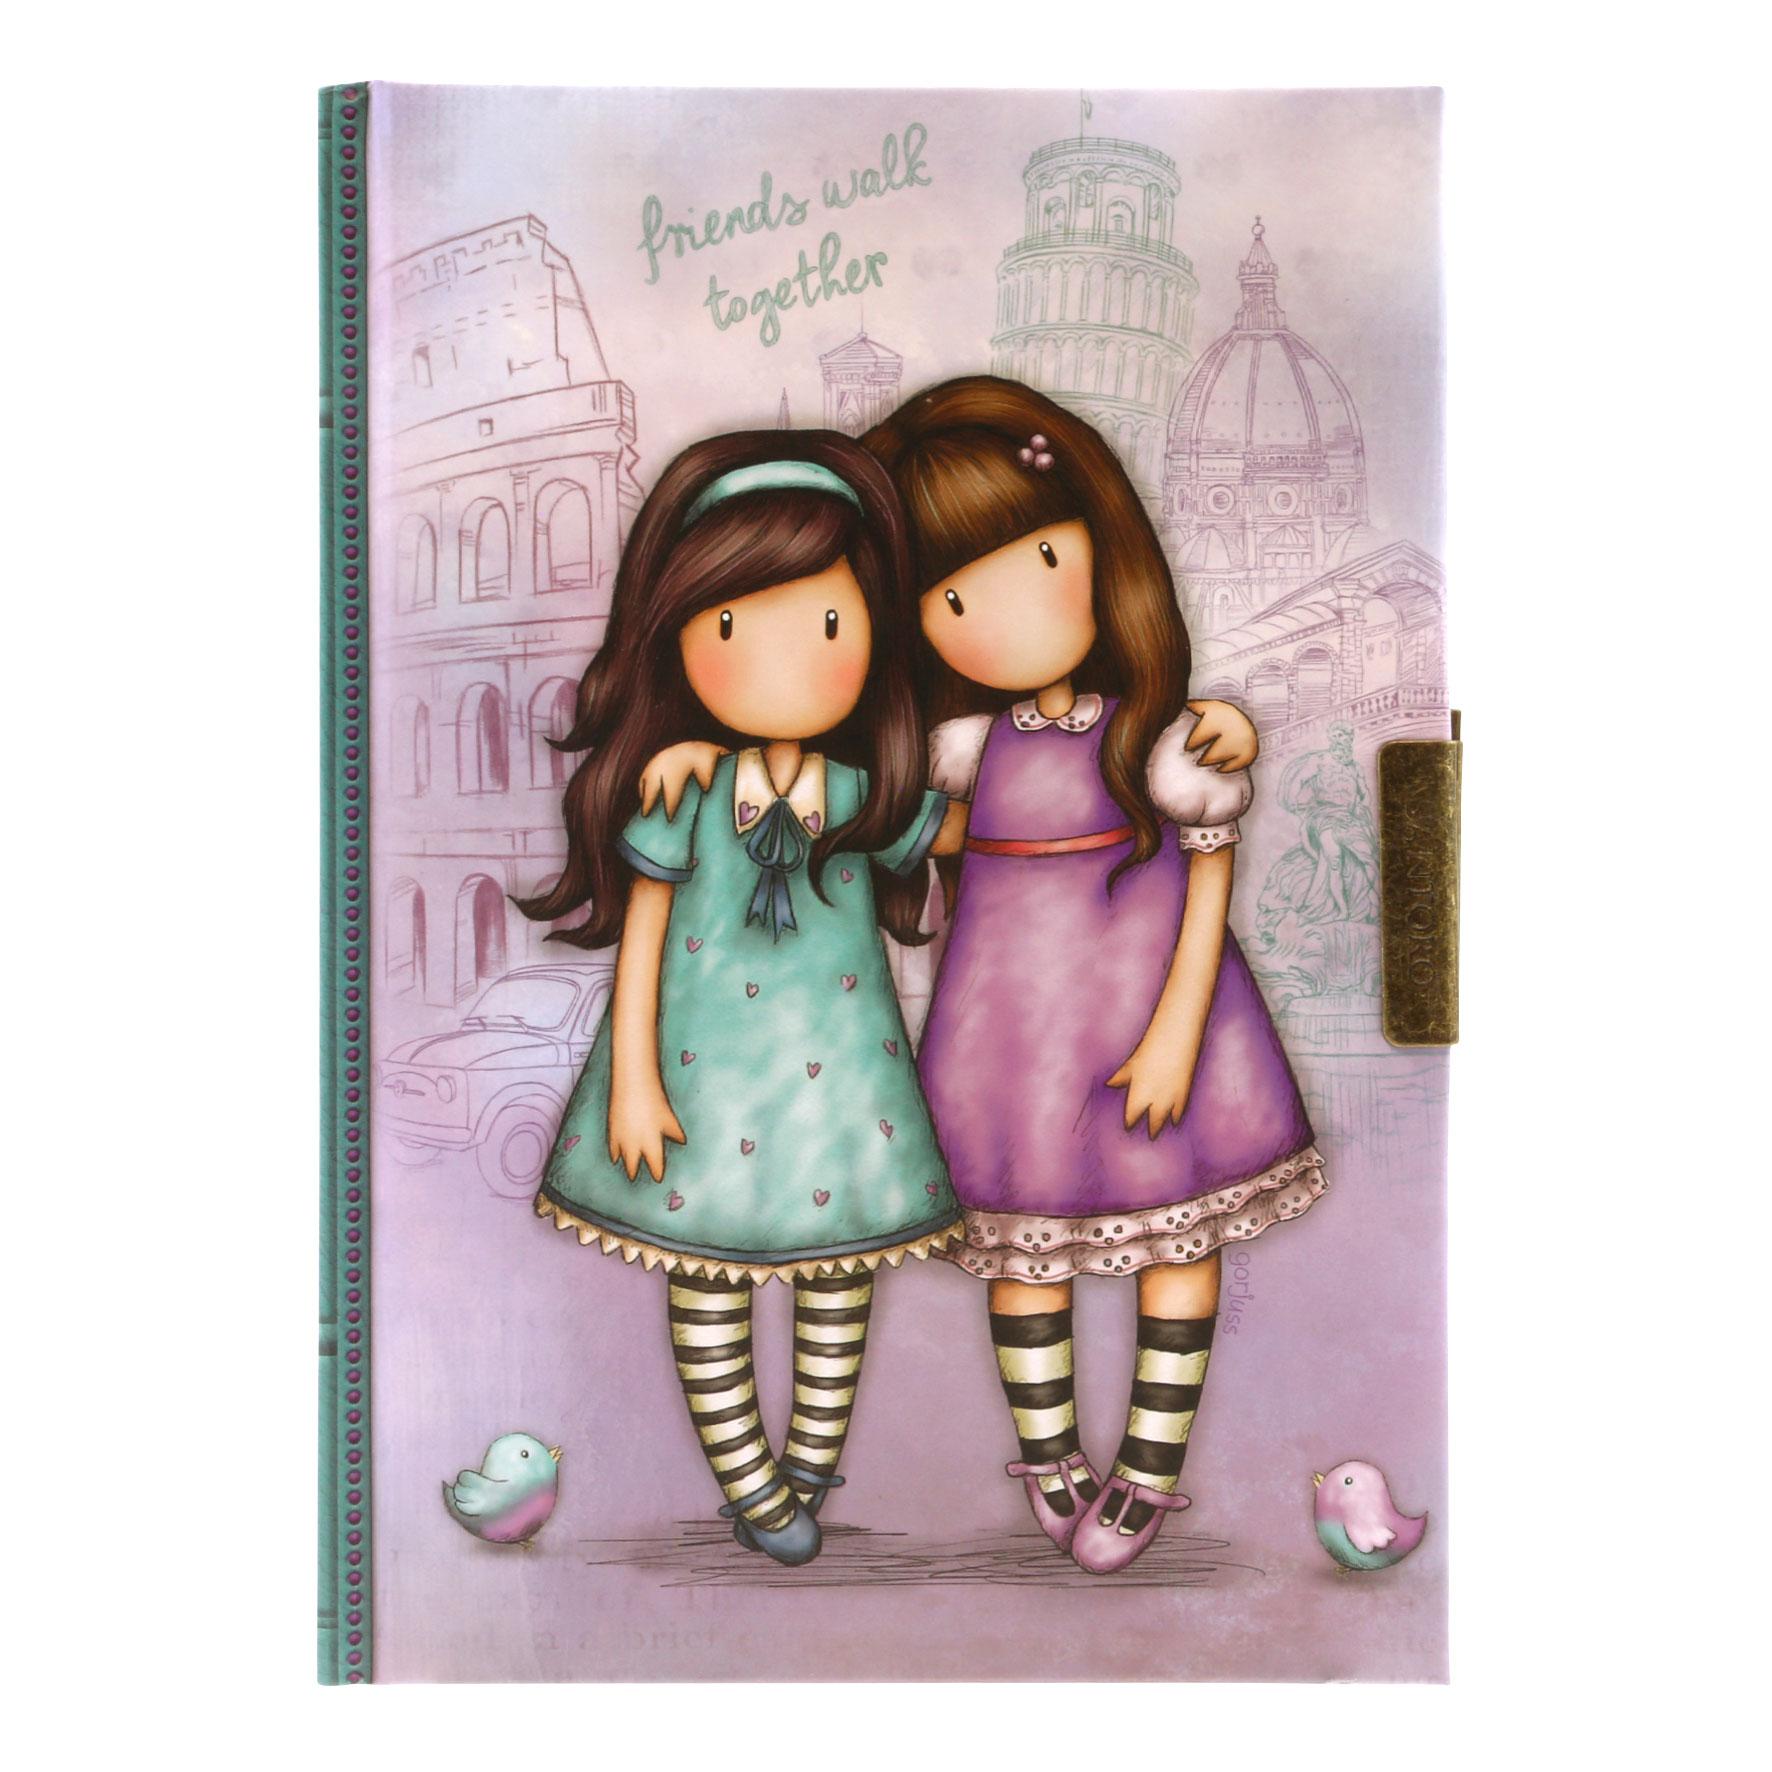 Купить Блокнот с замком - Friends Walk Together из серии Gorjuss, Santoro London